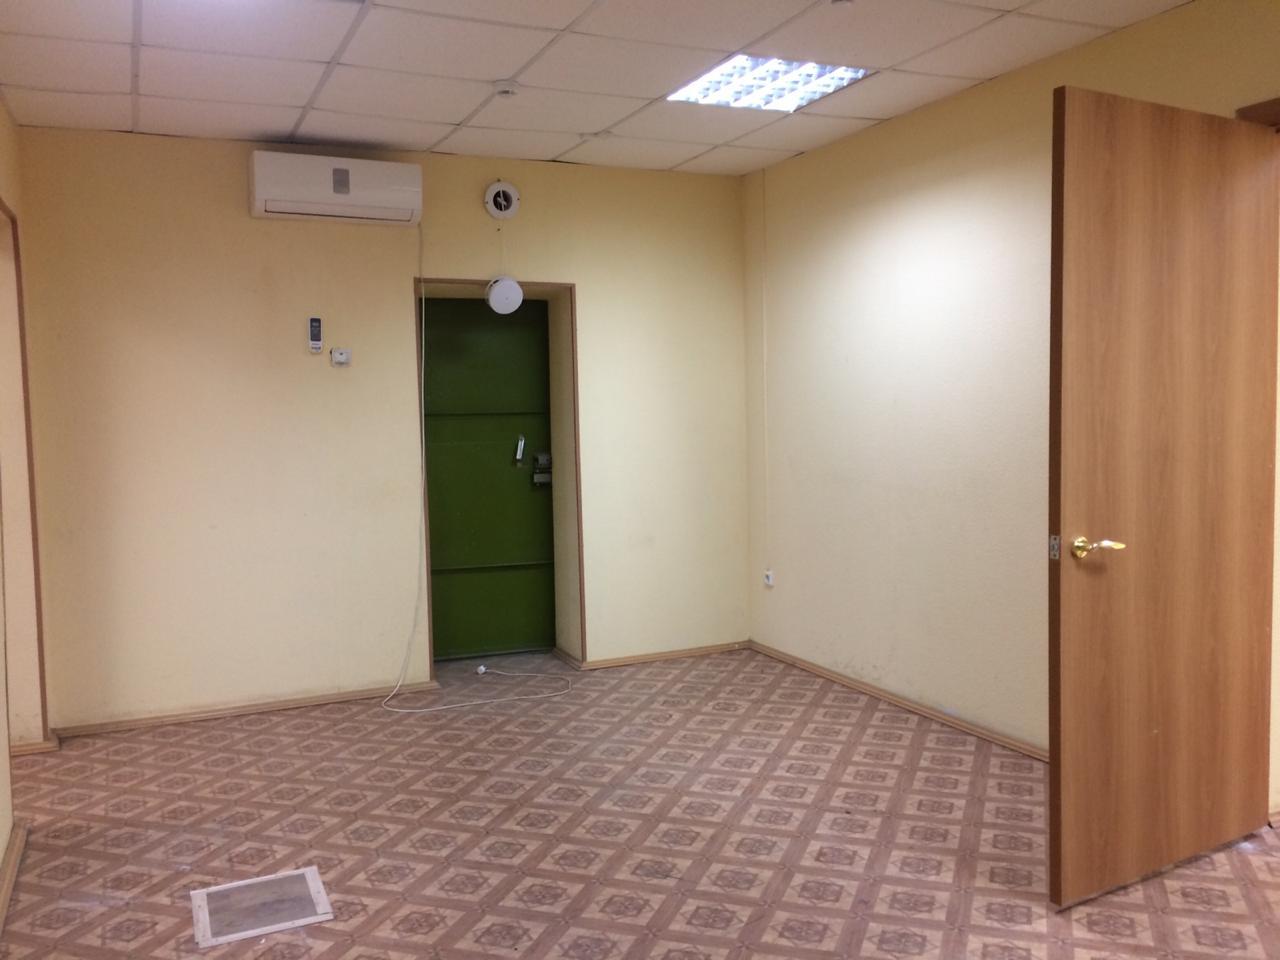 Office в аренду по адресу Россия, Свердловская область, Екатеринбург, Самолетная ул., д. 55О